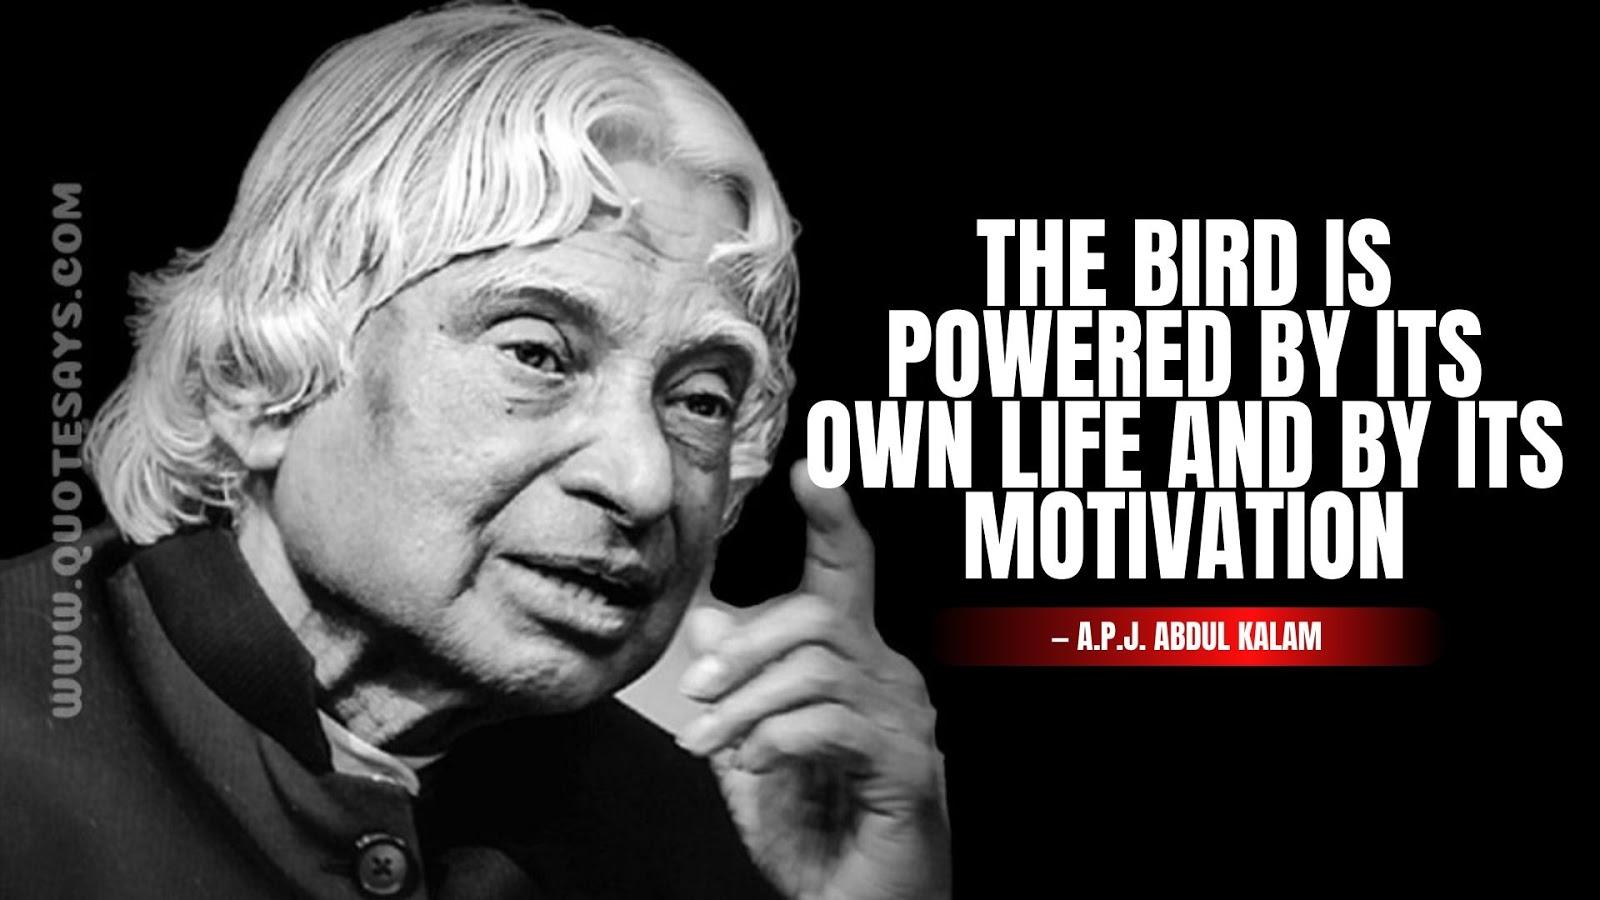 Abdul Kalam Quotes About Bird, Apj Abdul Kalam Quotes